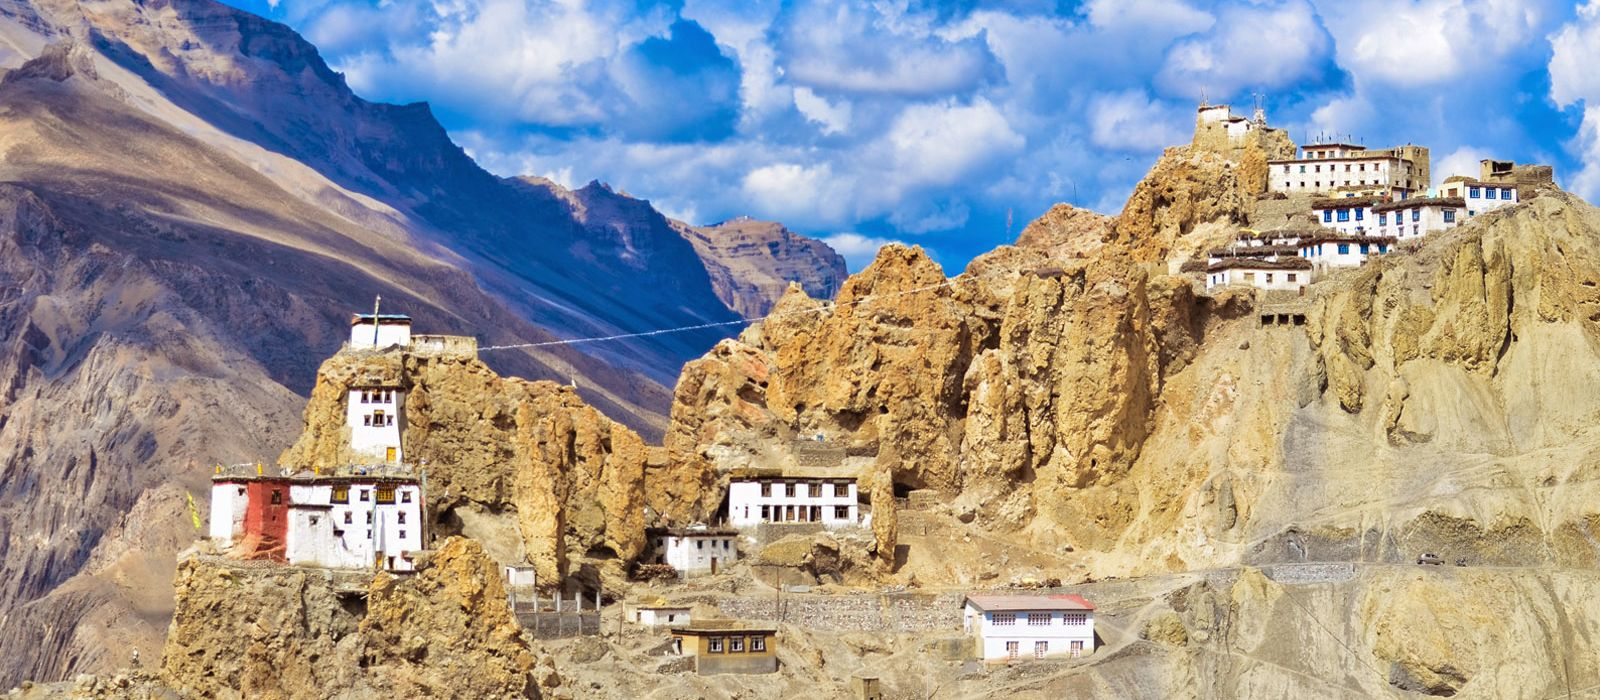 Himalayas Tours & Trips